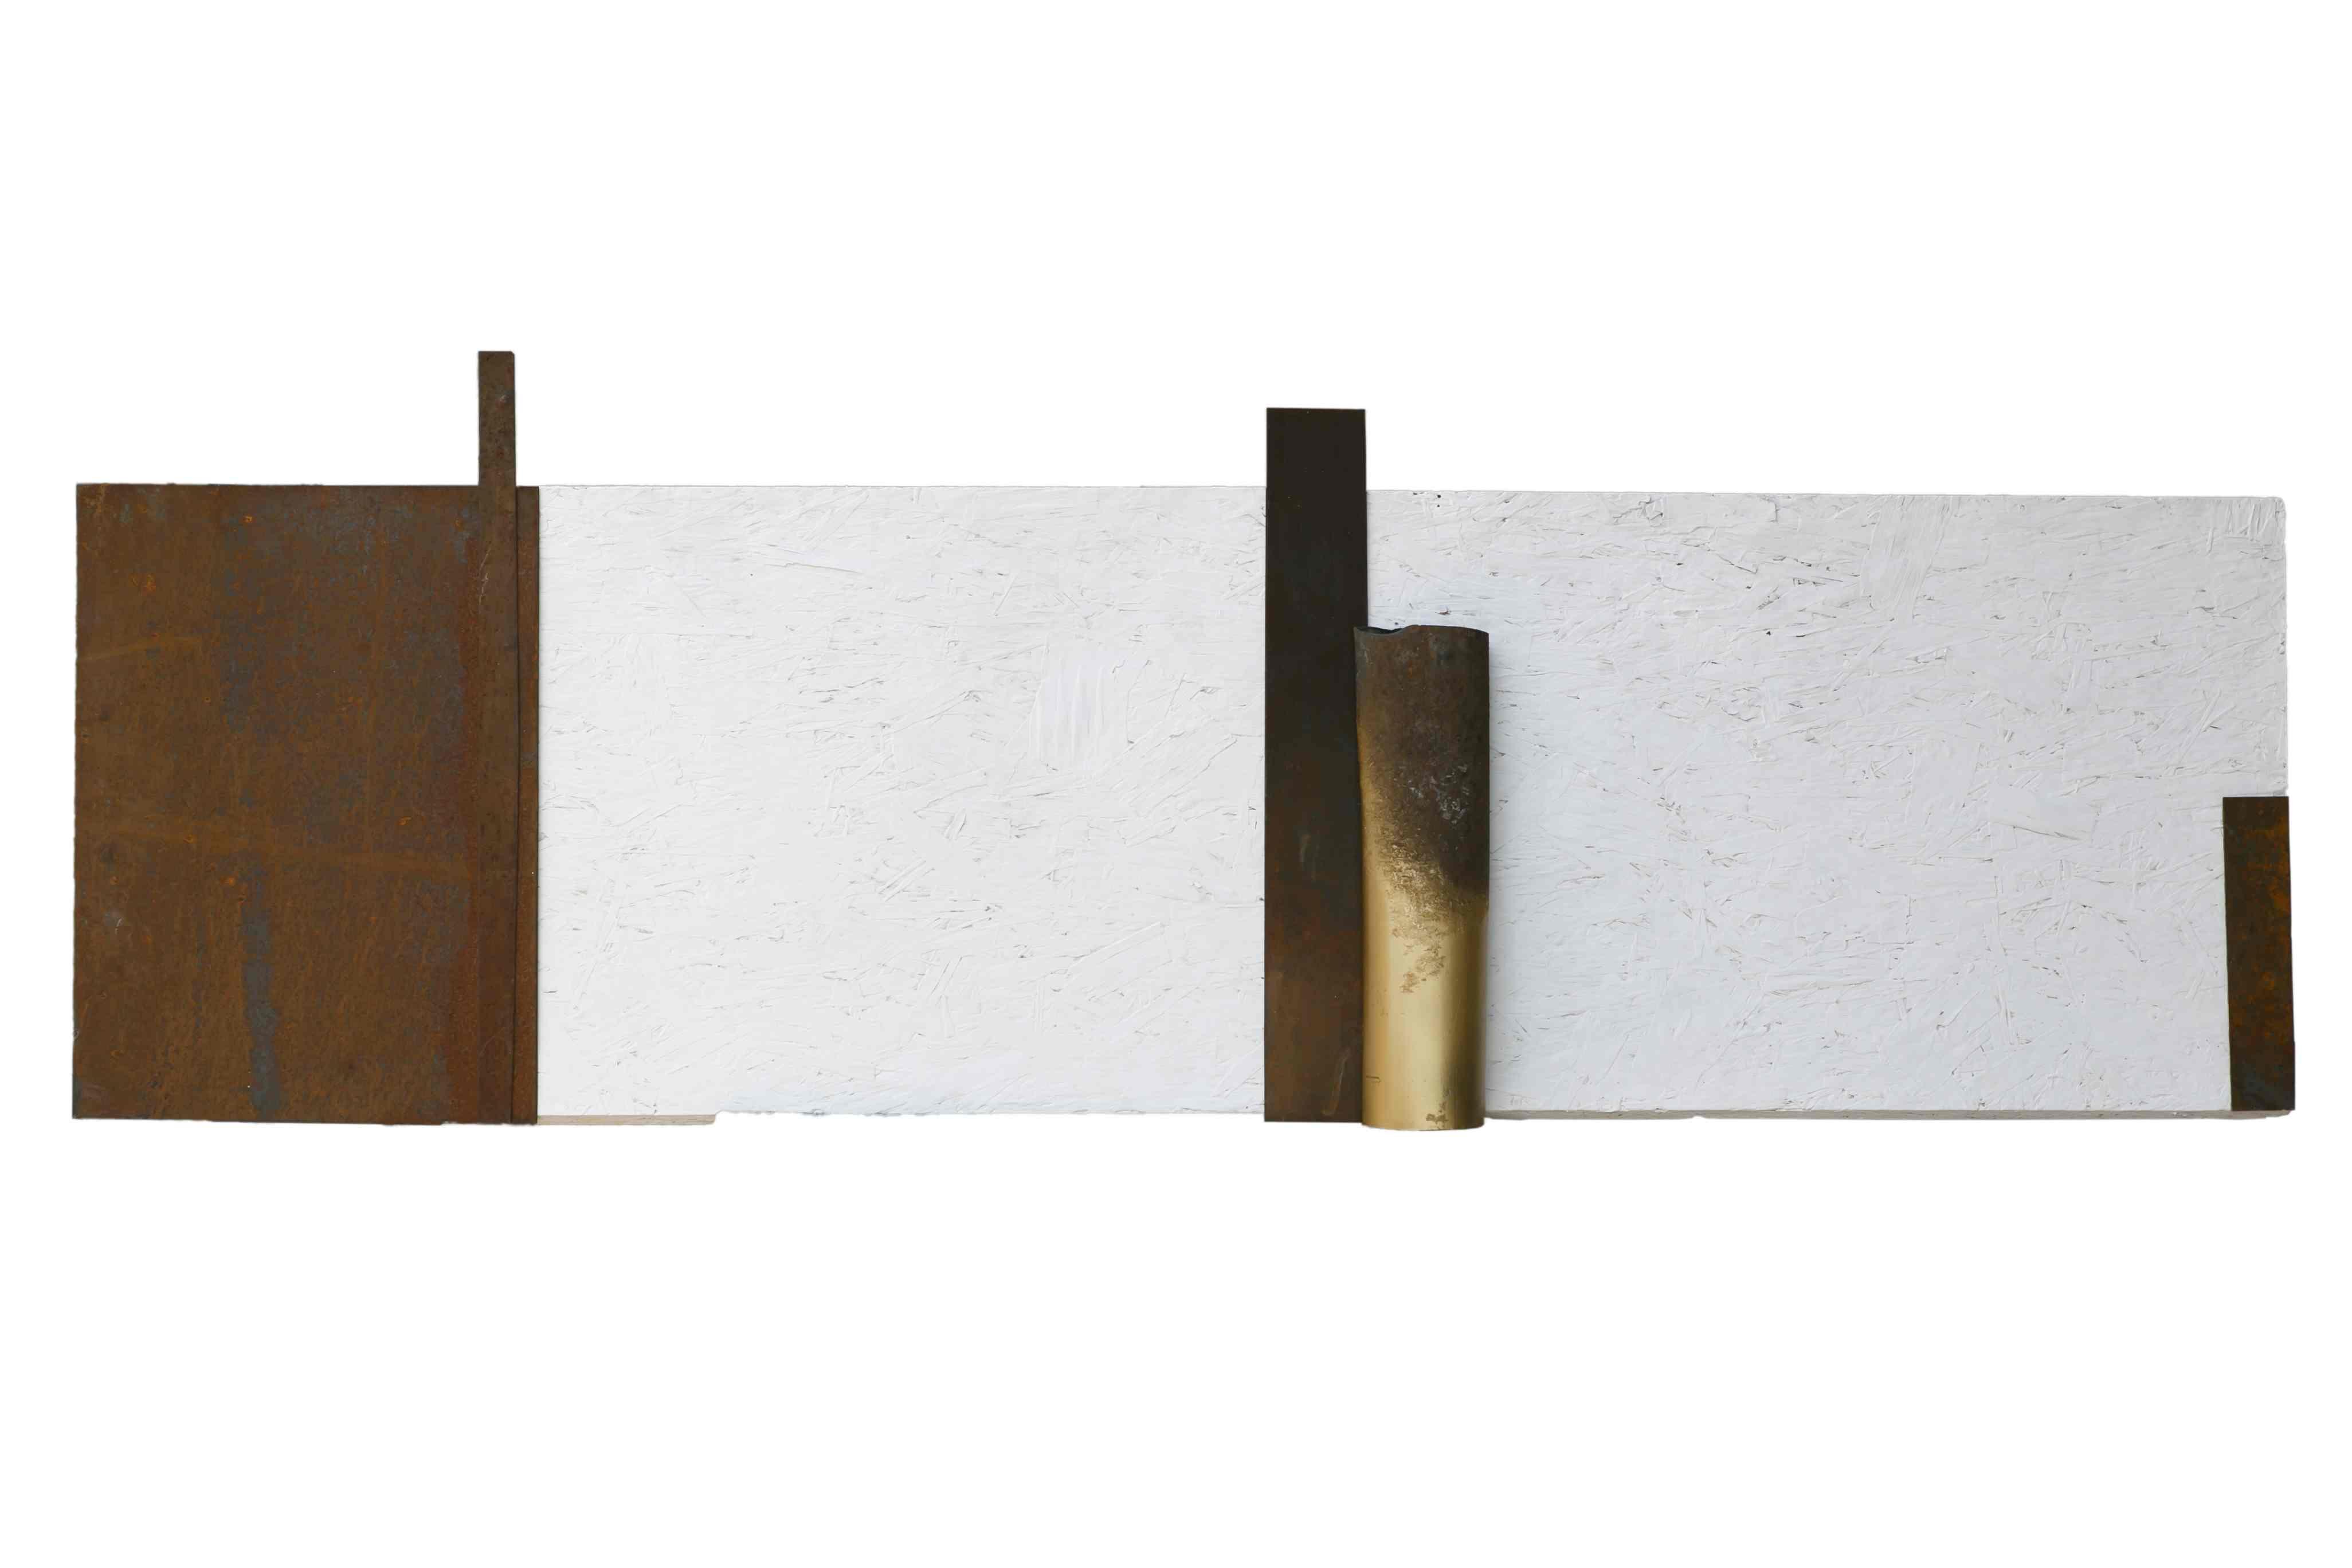 Nel silenzio, tecnica mista e ferro corroso su tavola, 177x50, 2011